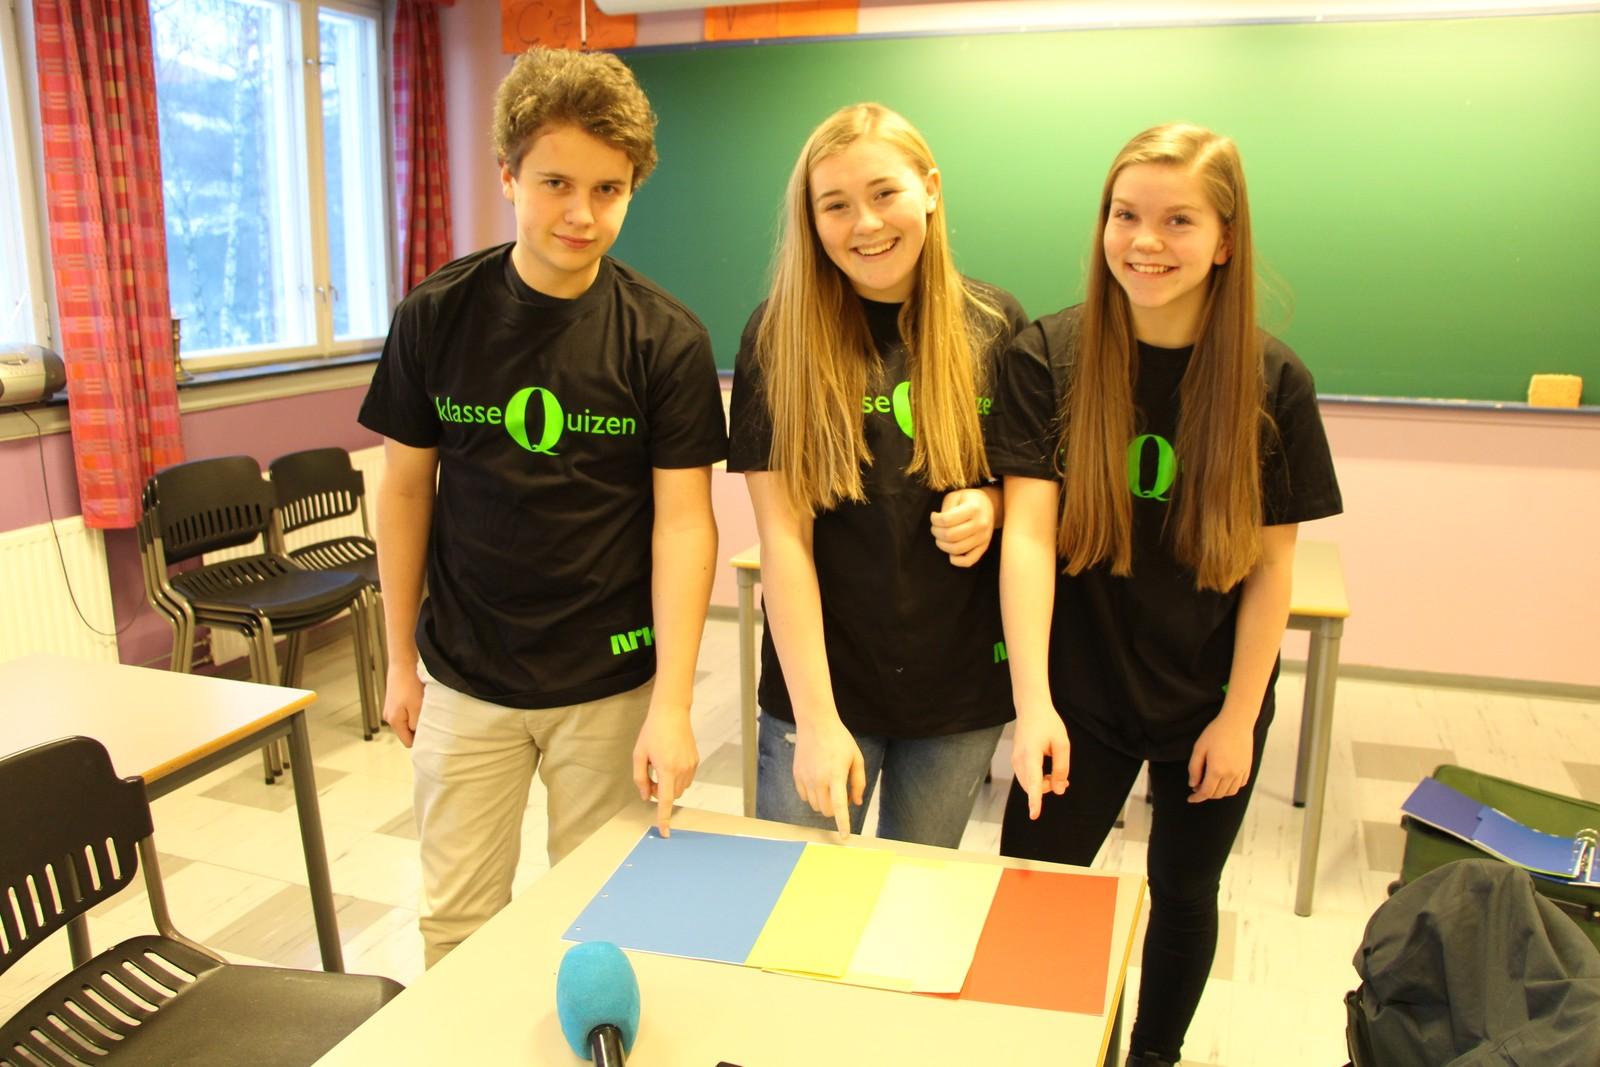 Tormod Baukhol, Karoline Rundsveen og Ingri Veskje fra Sør-Fron ungdomsskule fikk sju poeng i årets Klassequiz.